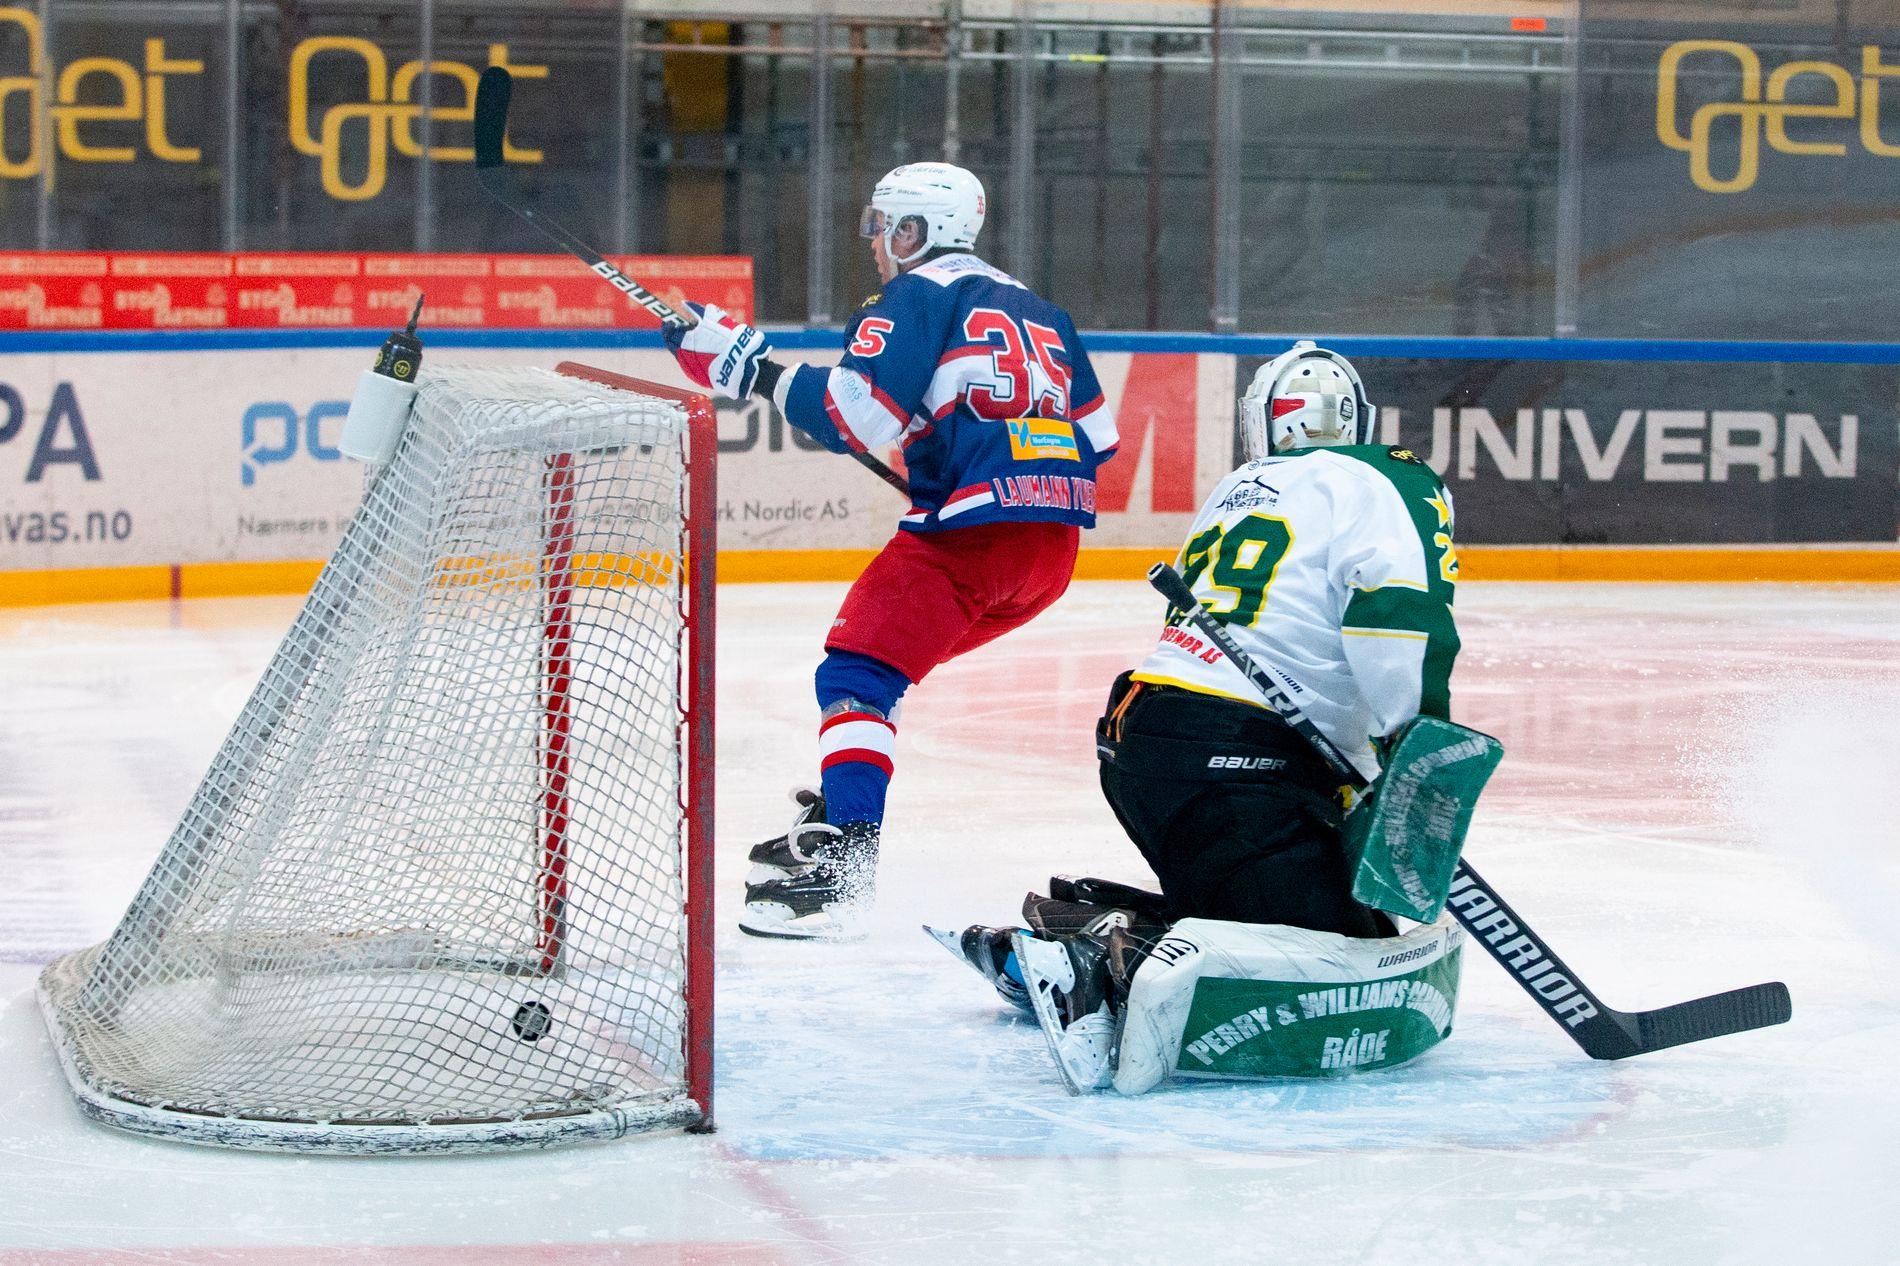 Vålerengas Martin Laumann Ylven satte inn 1–0 bak Manglerud keeper Kris Joyce under eliteseriekampen i ishockey mellom Vålerenga og Manglerud i Furuset Forum torsdag kveld. Til slutt vant Vålerenga 5–1. Foto: Fredrik Hagen / NTB scanpix.